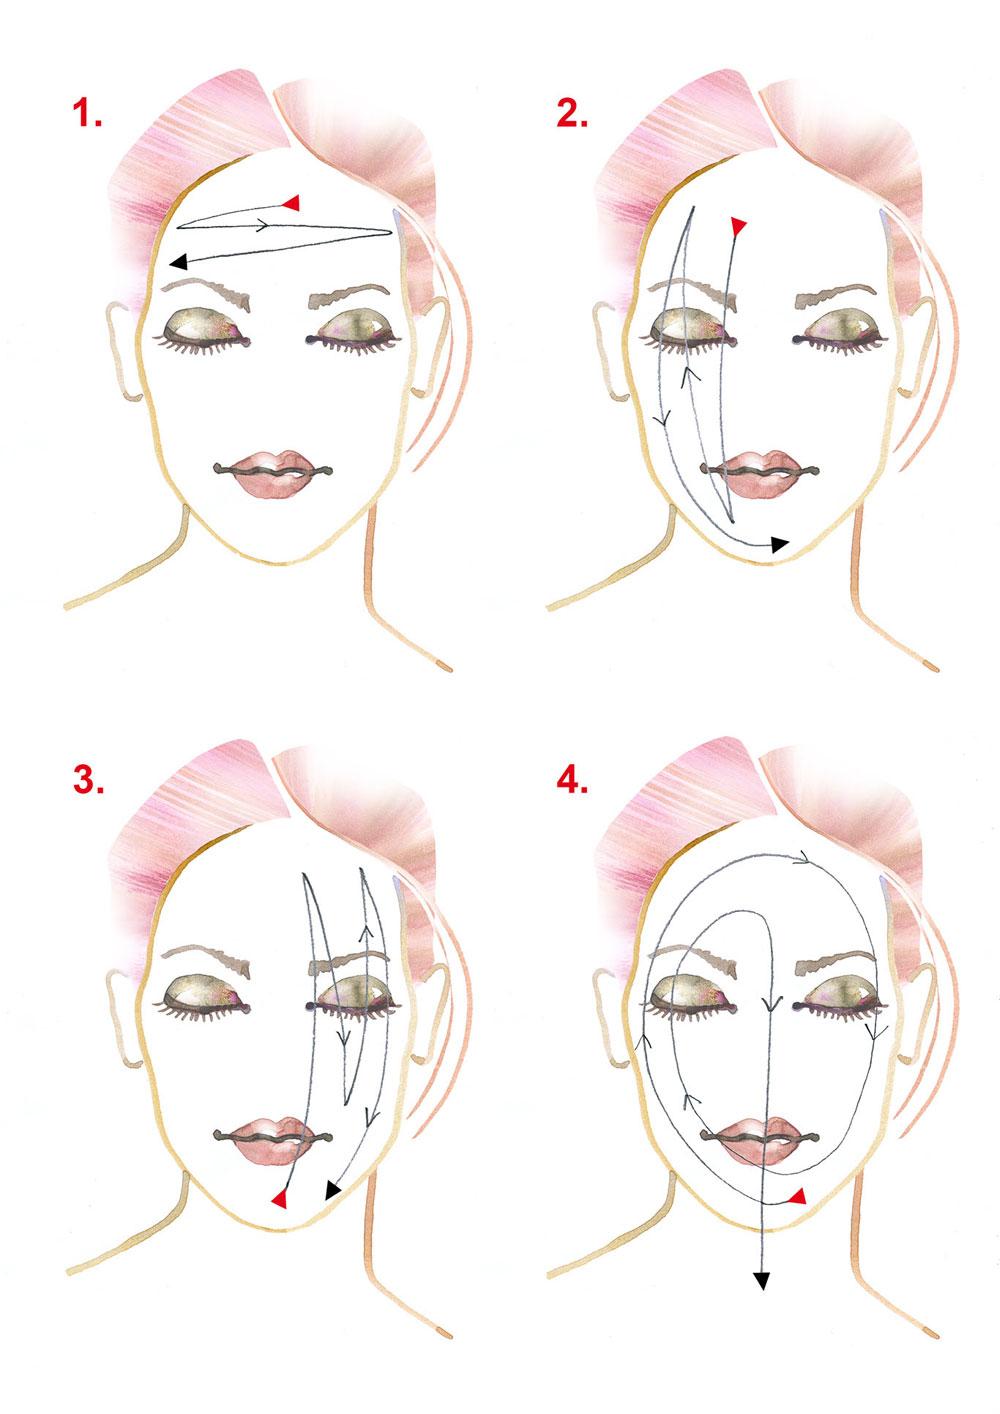 Der Gesichtsguss nach Kneipp macht nicht nur munter, sondern auch schön.